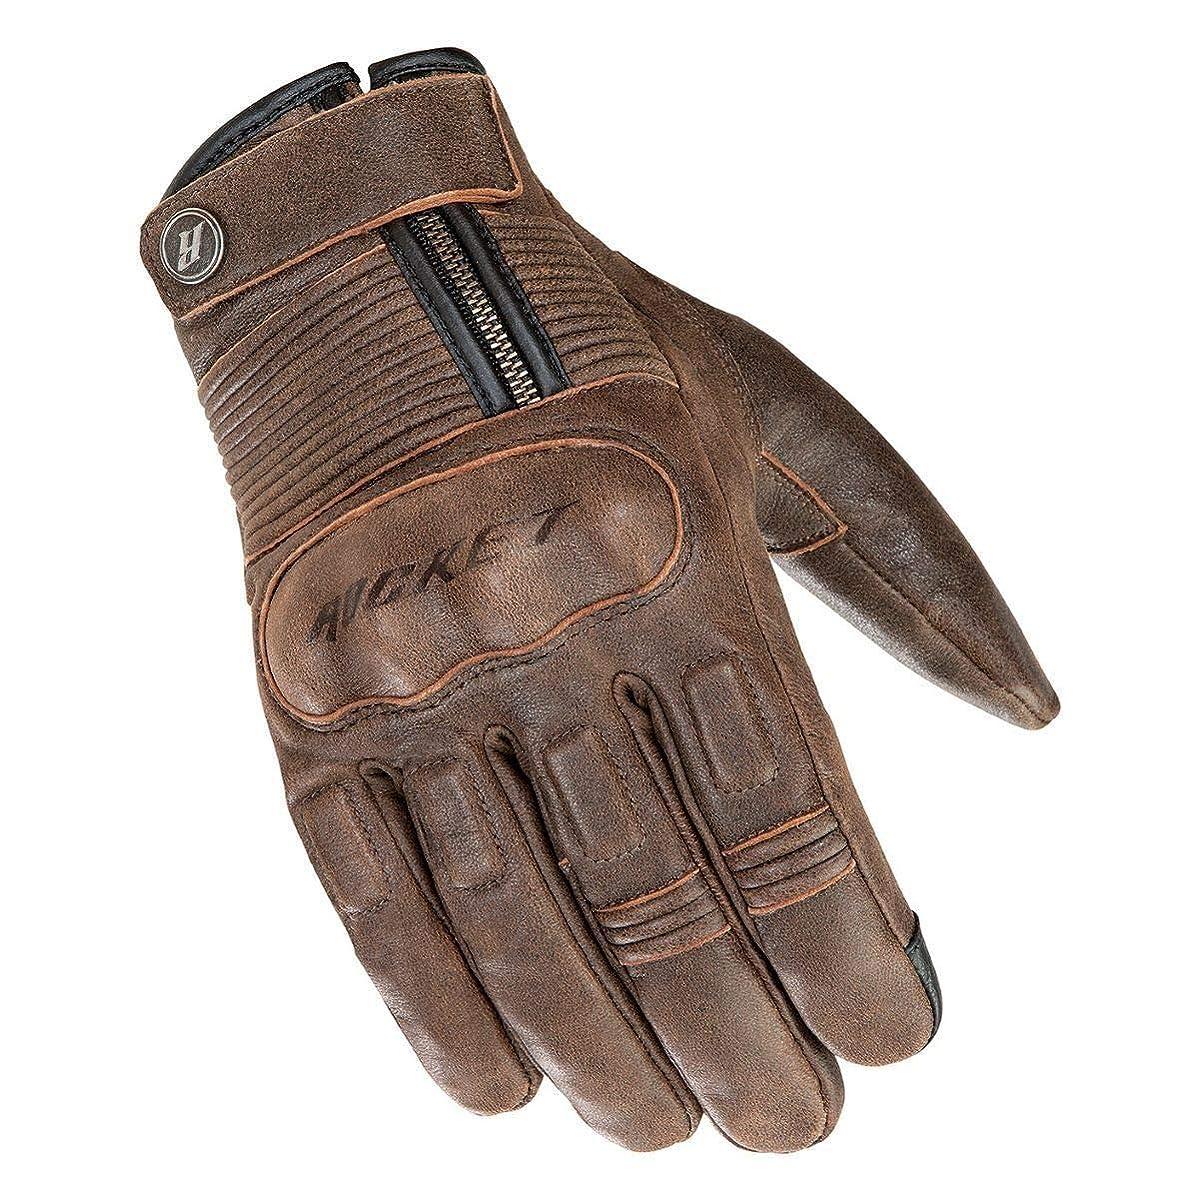 Joe Rocket Men's Briton Motorcycle Glove Brown Large